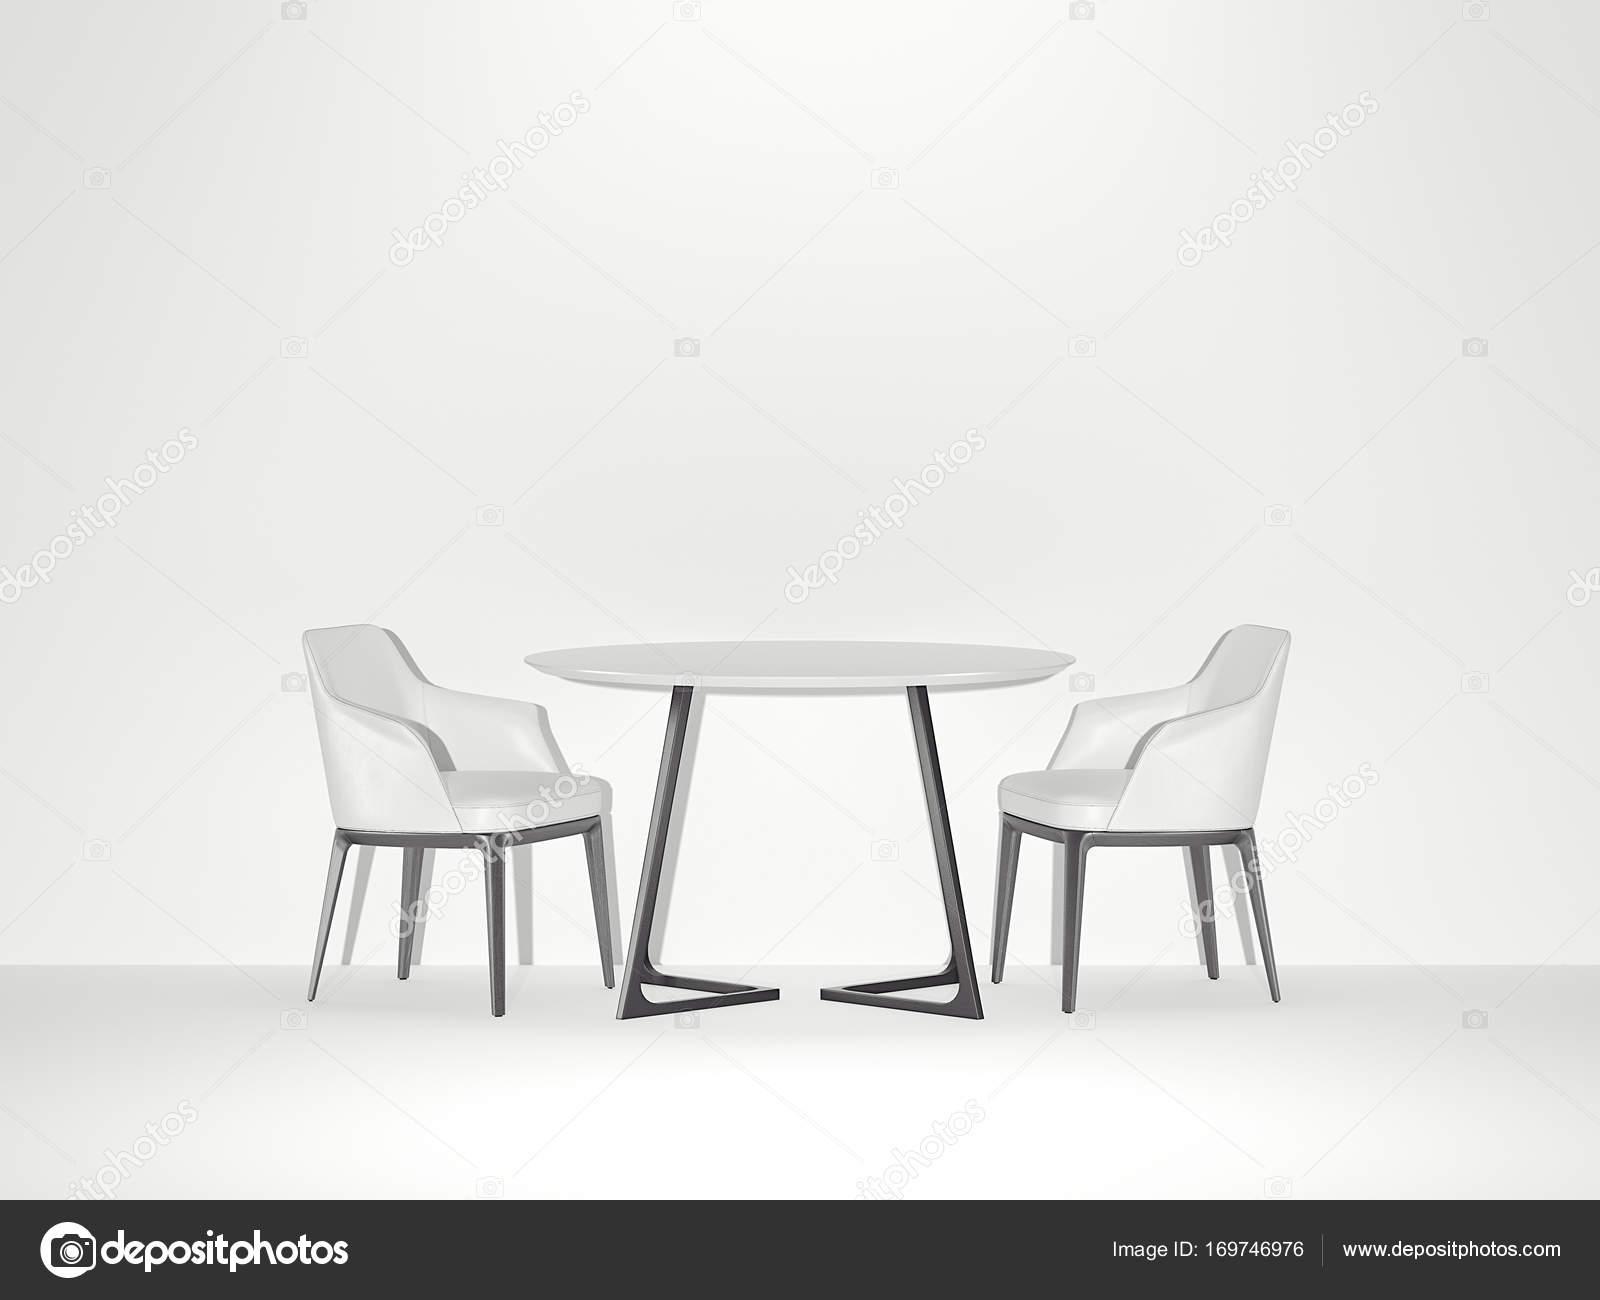 Malerisch Weisse Stühle Galerie Von Zwei Weiße Stühle Und Tisch Im Hellen